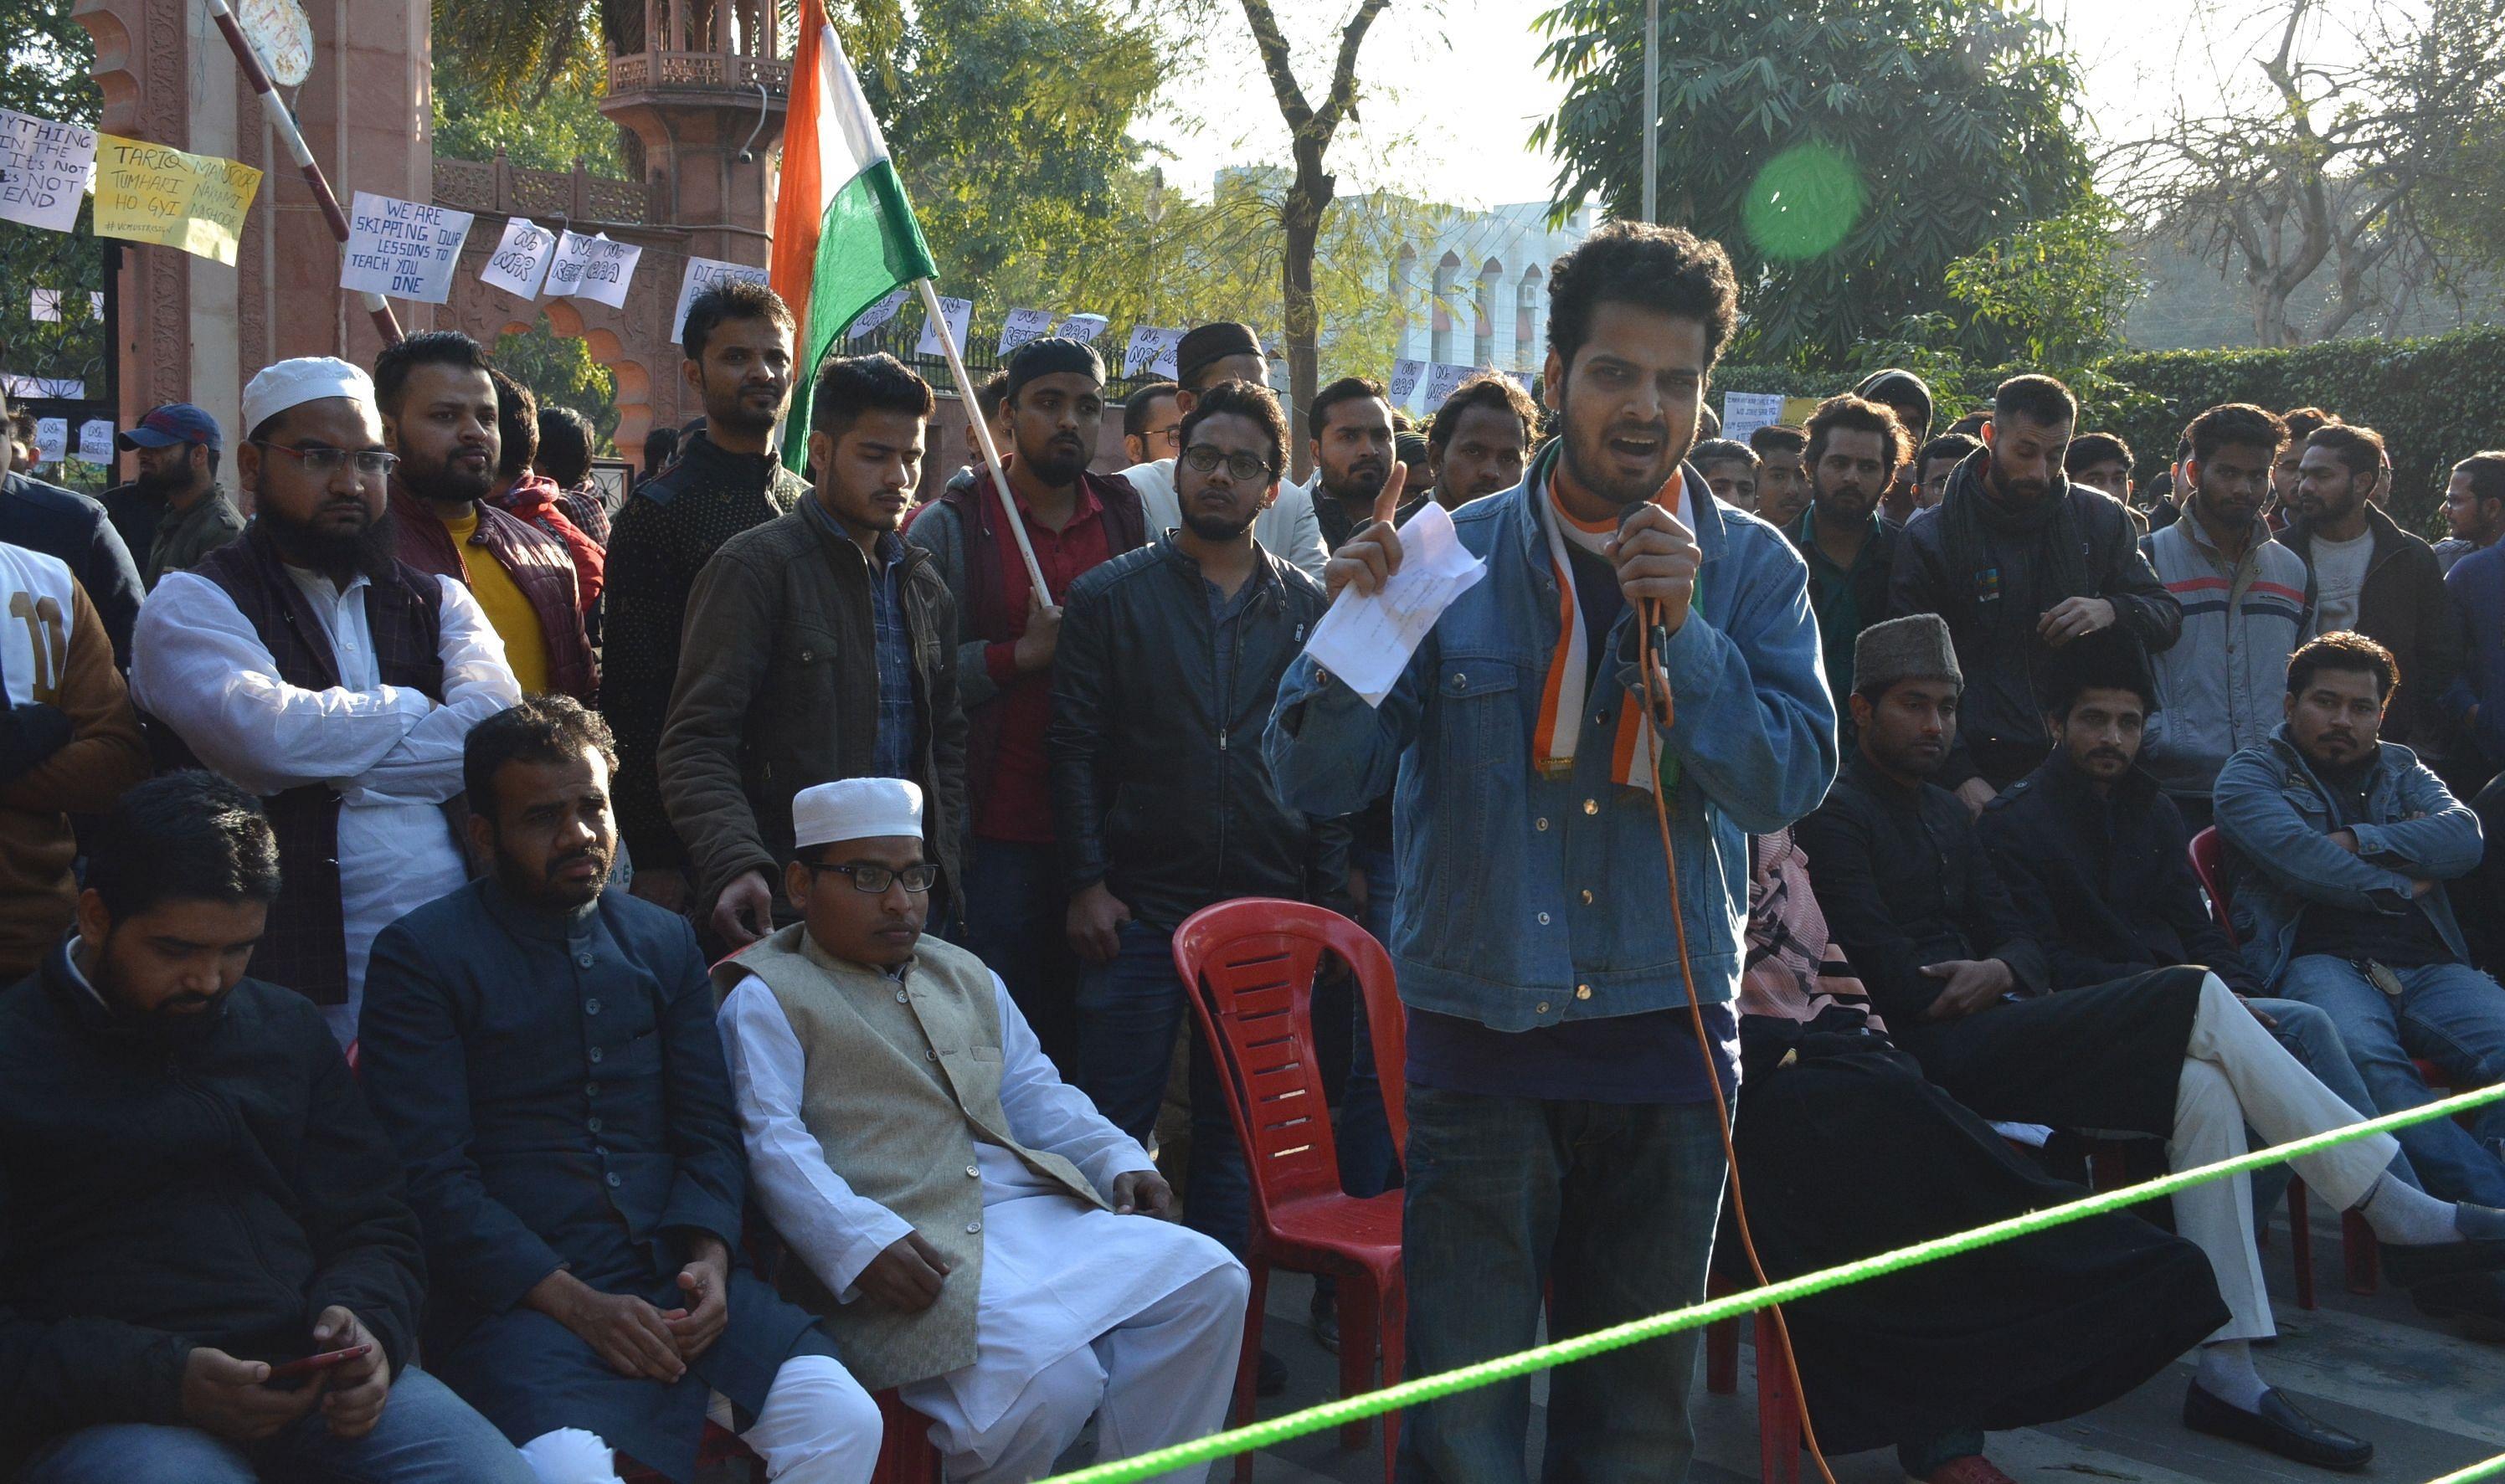 विरोध प्रदर्शन कर रहे एएमयू छात्रो को सम्बोधित करते जेएमआई के छात्र।